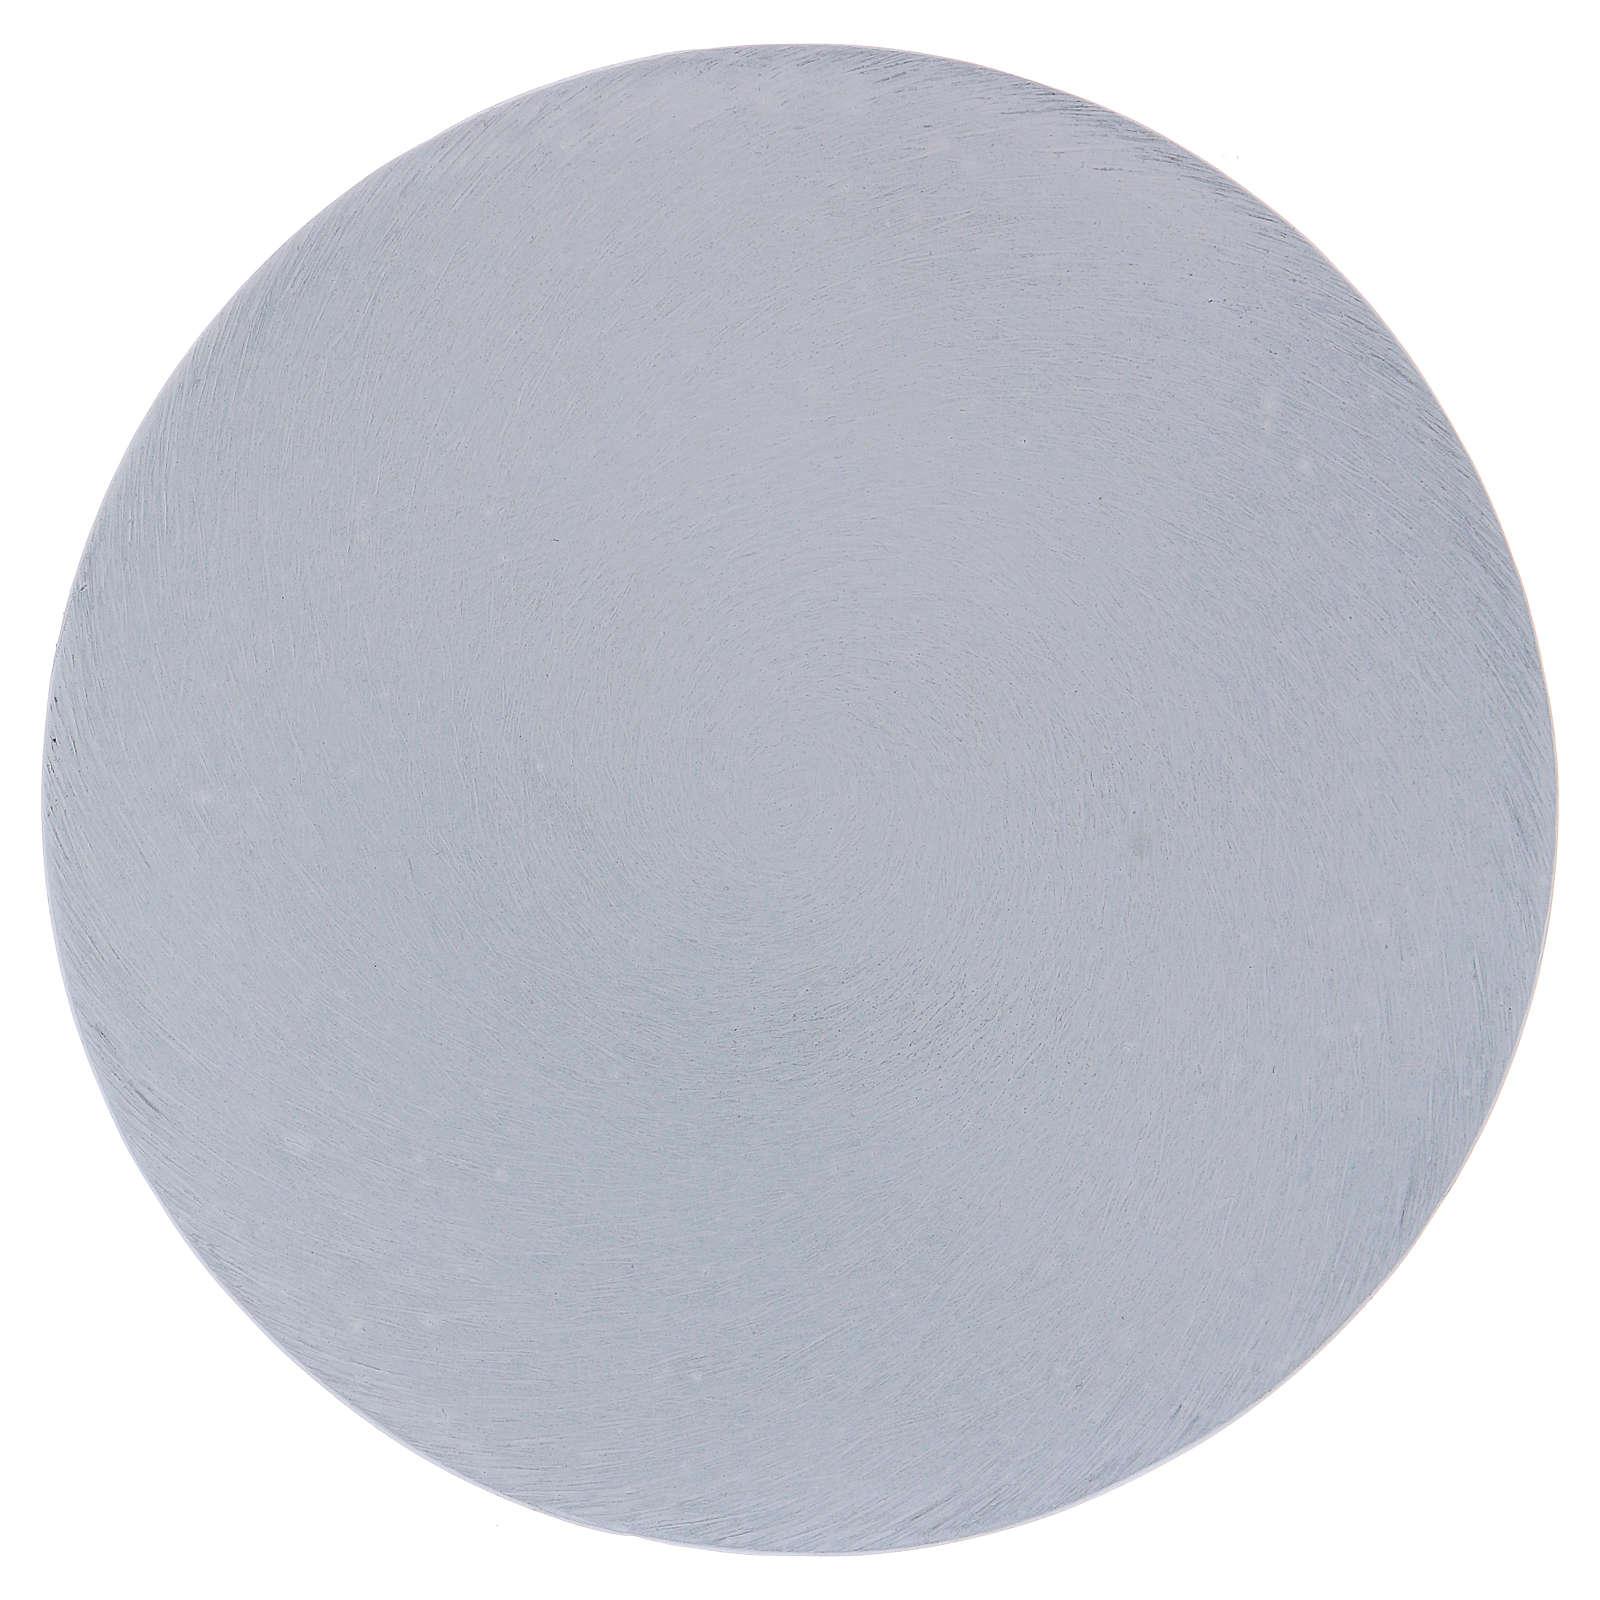 Piatto portacandele tondo alluminio bianco 12 cm  3